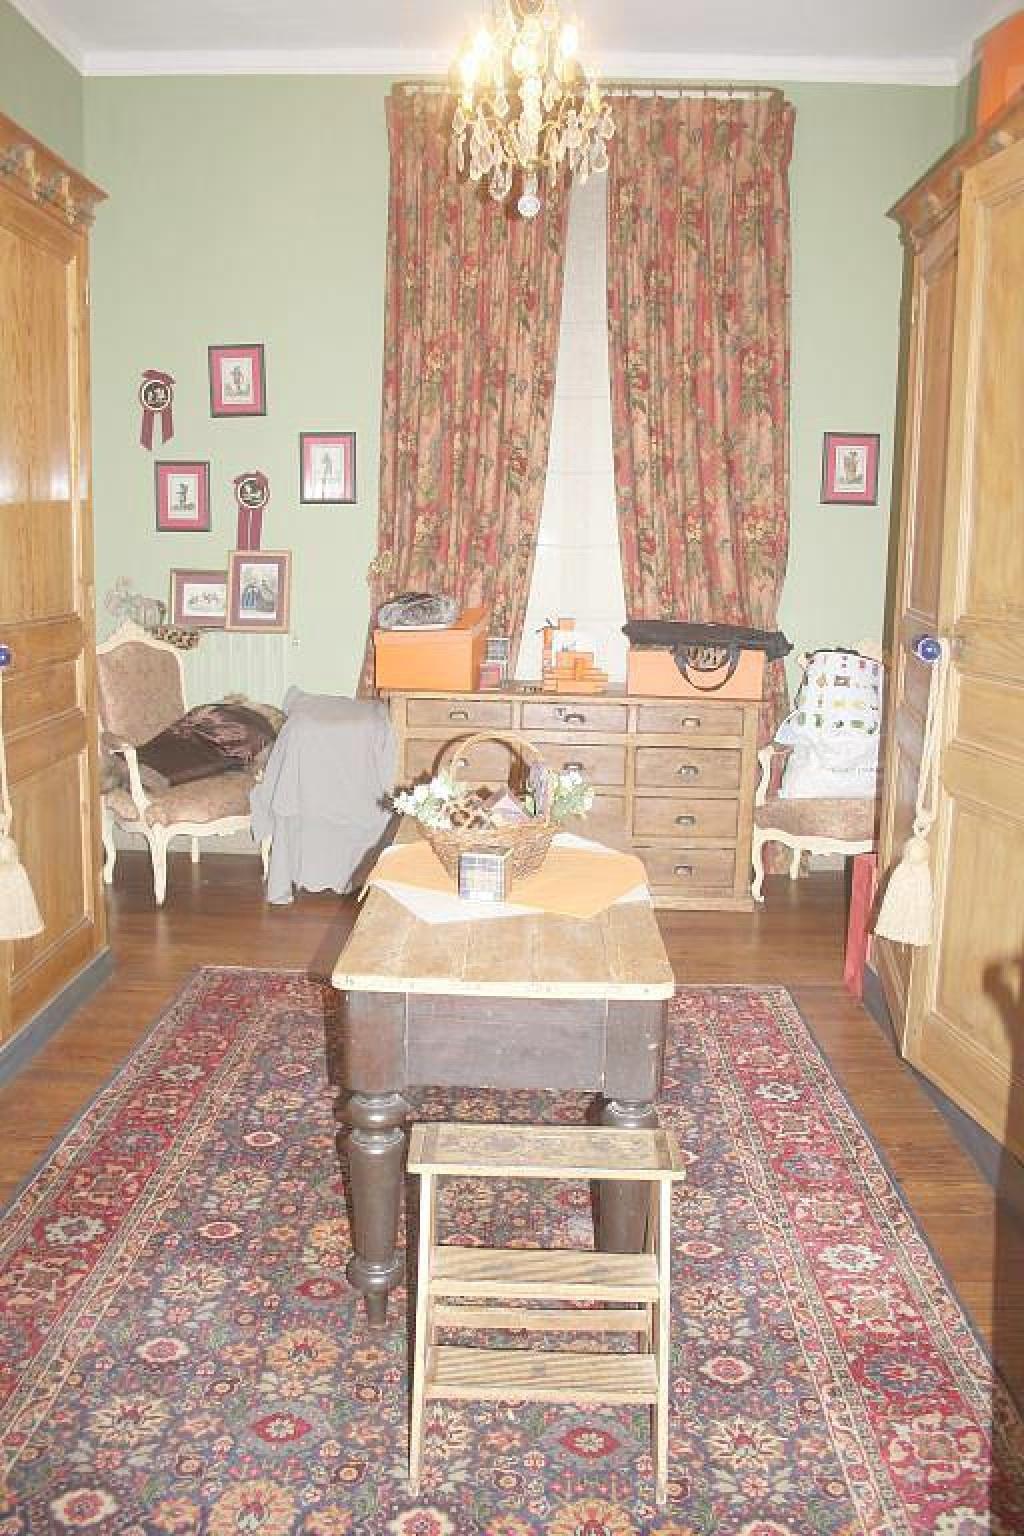 vente maison de maitre nimes agence immobiliere corinne ponce  (15)